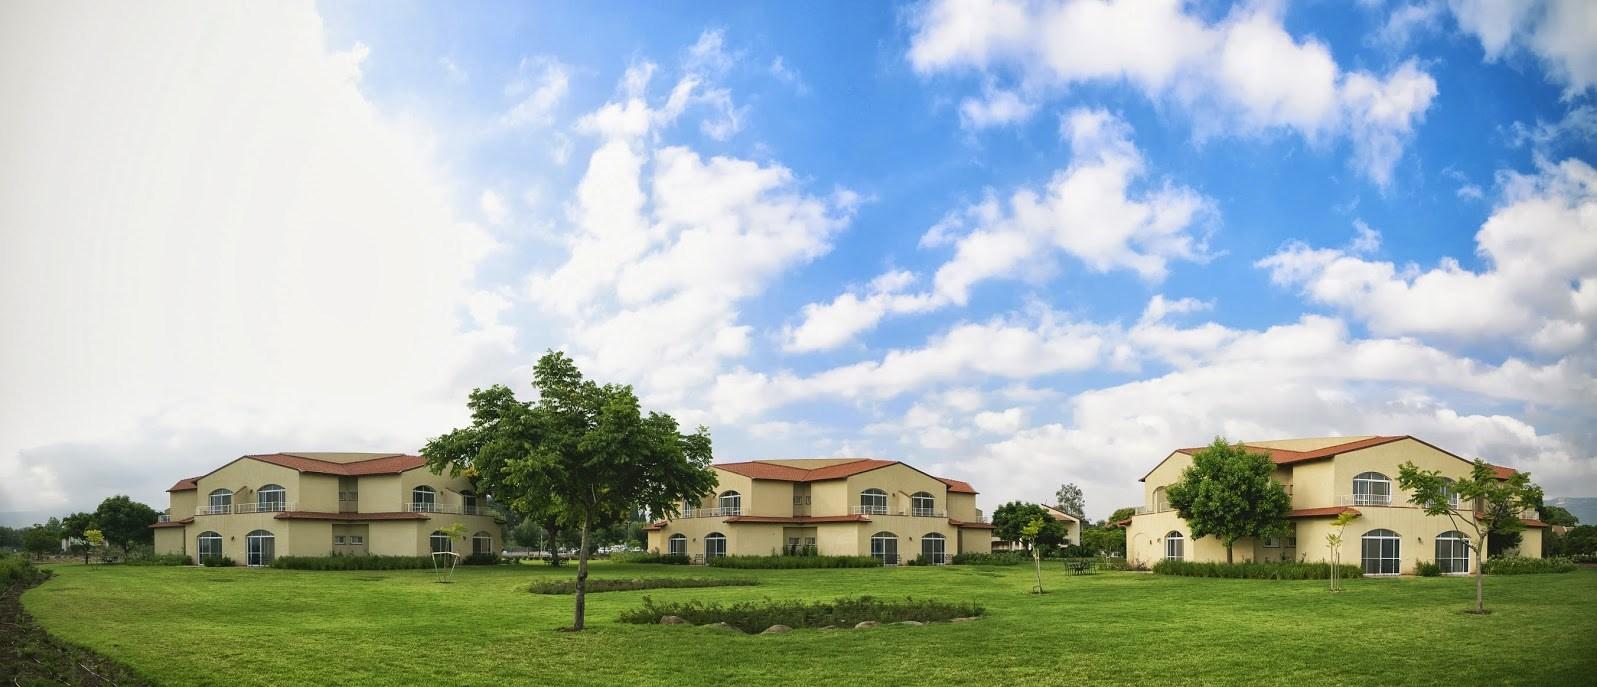 מלון פסטורל כפר בלום - נוף חיצוני שמיים